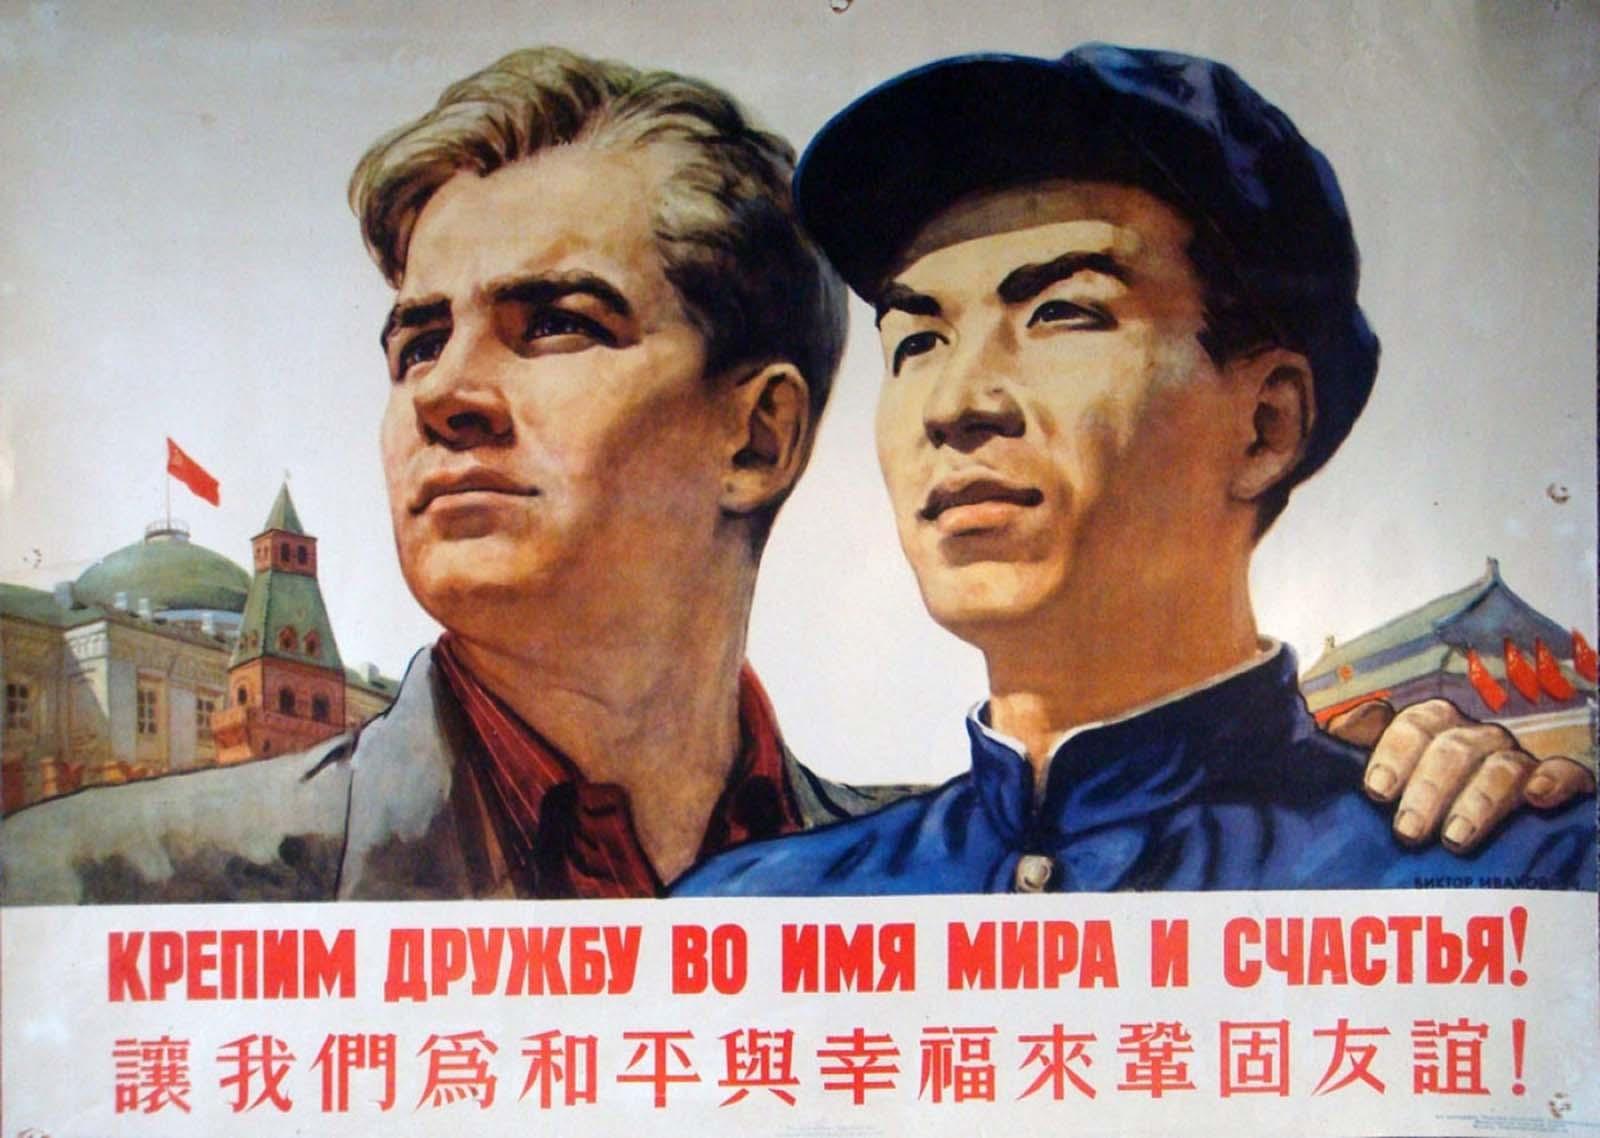 chinese-soviet-propaganda-posters (13).jpg